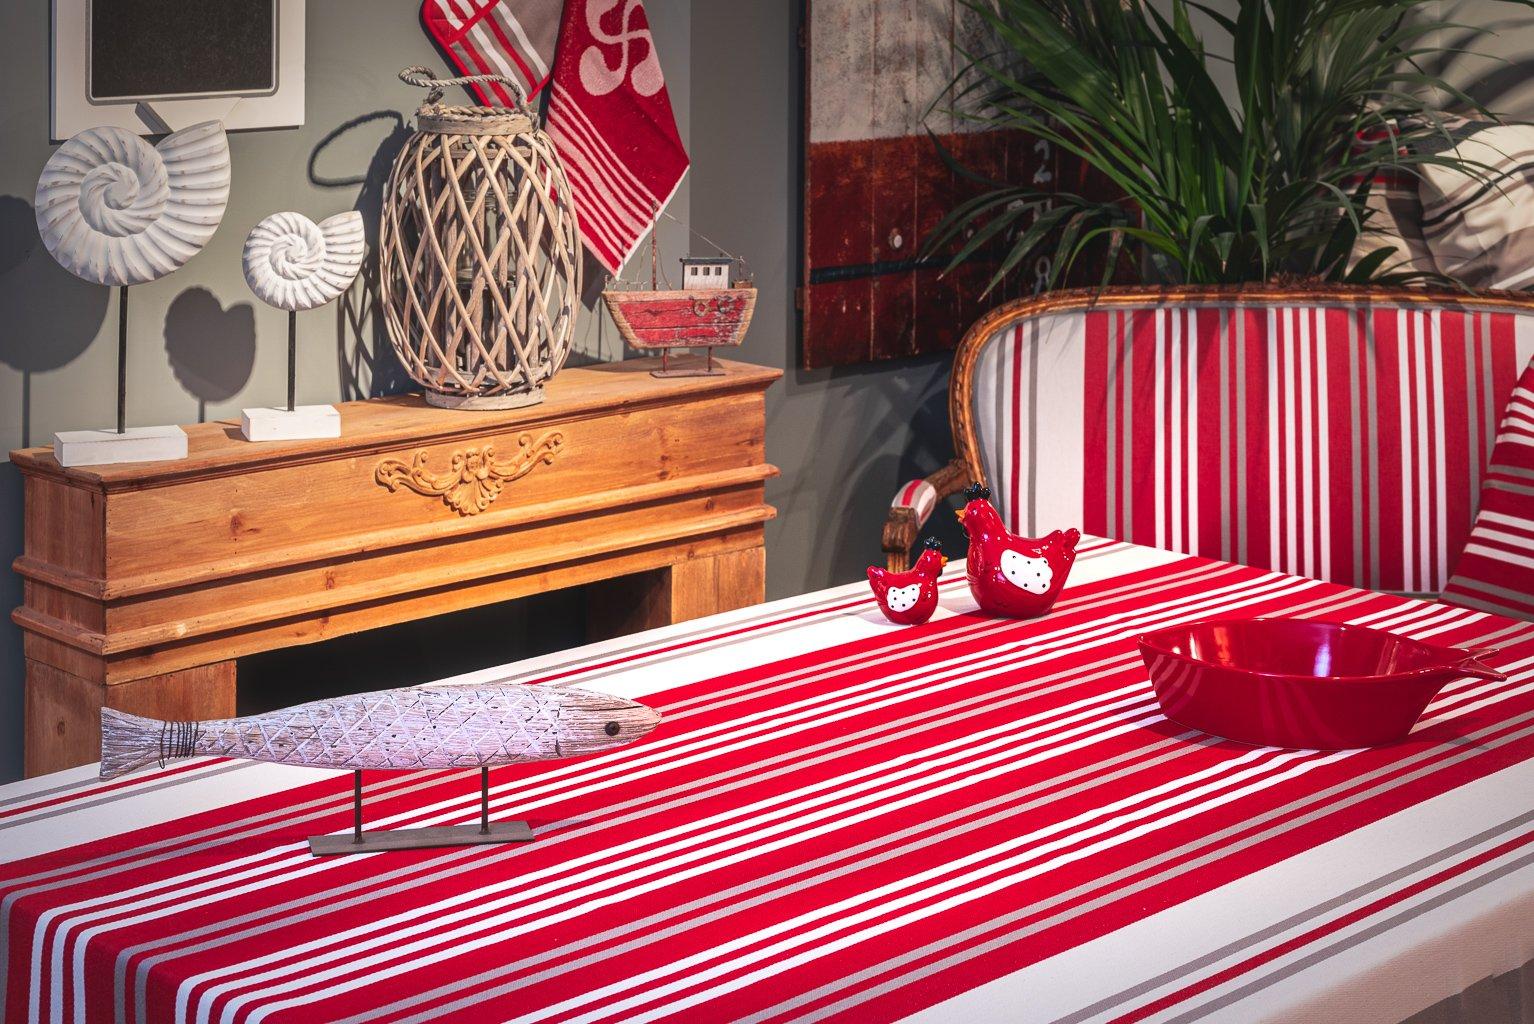 Nappe enduite 100% Coton de satin rouge 350 x 160 cm